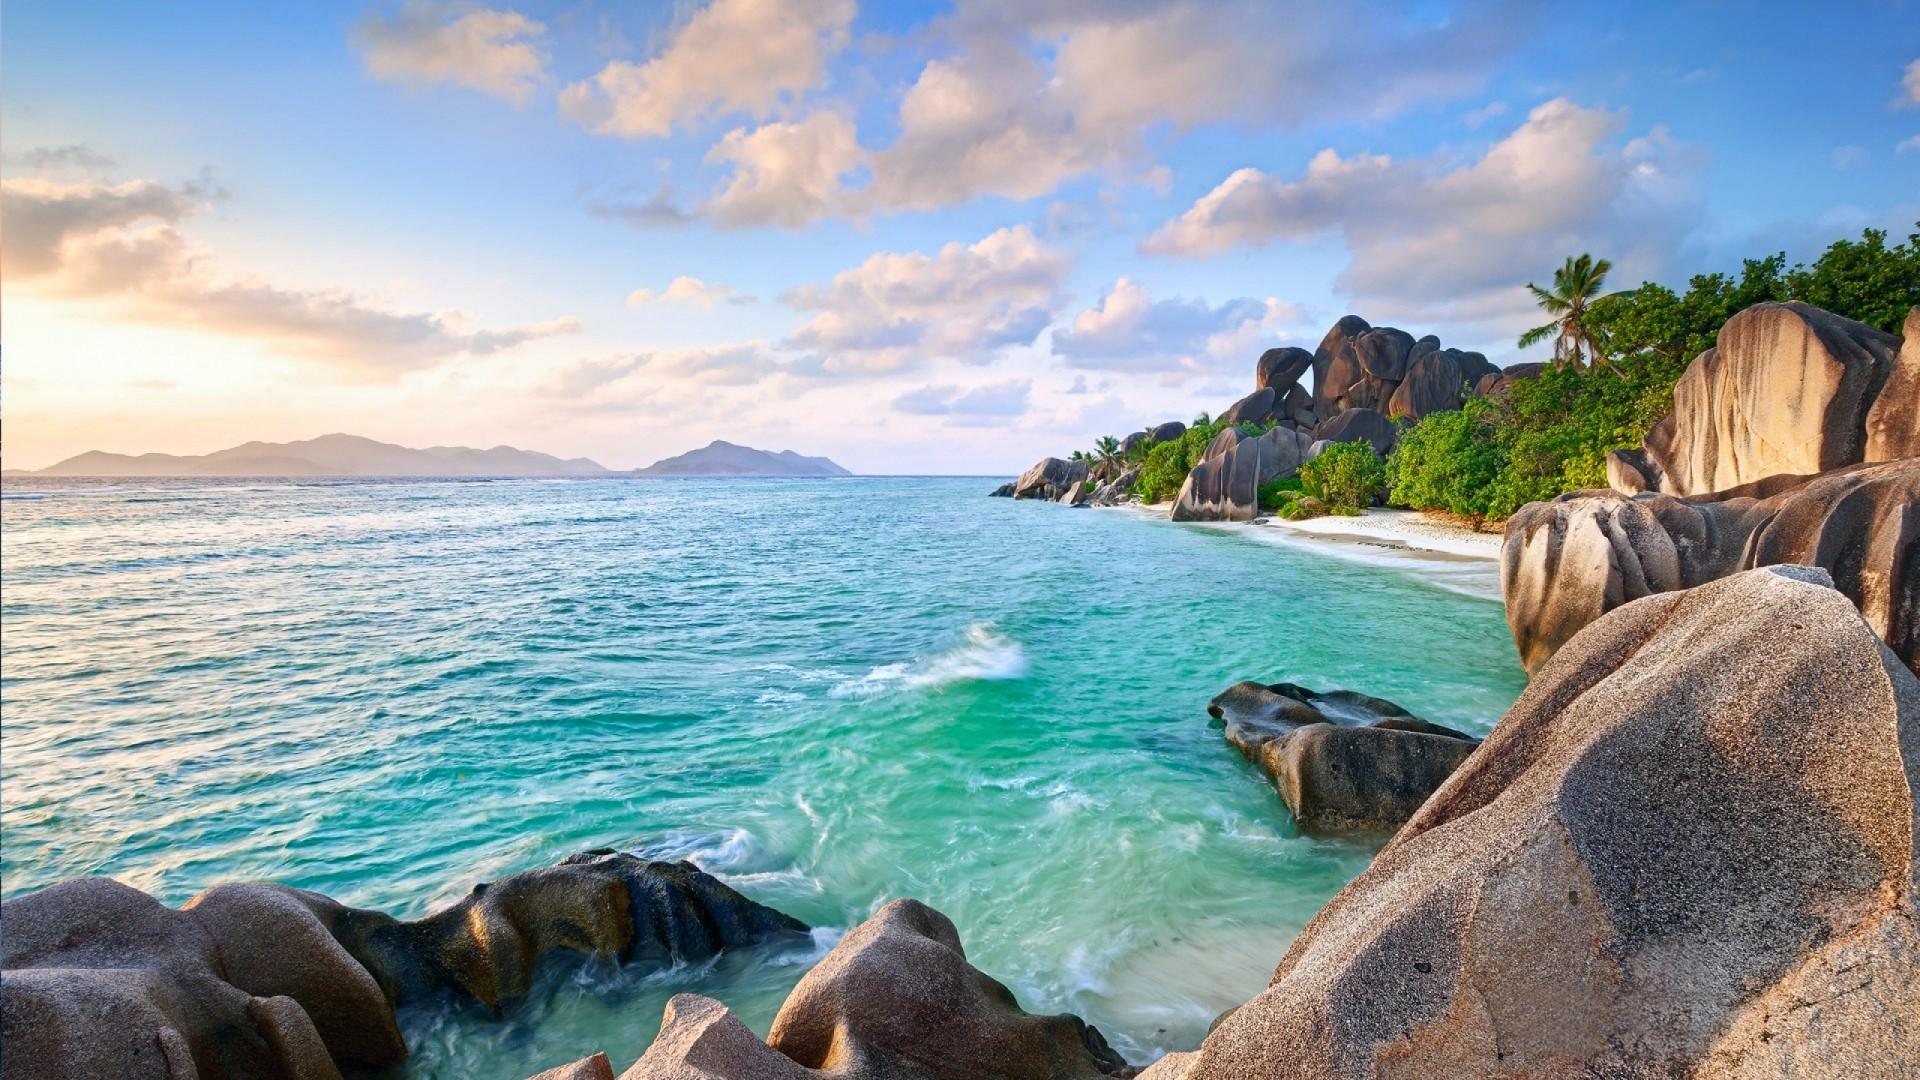 … rock azure ocean beach wave island …